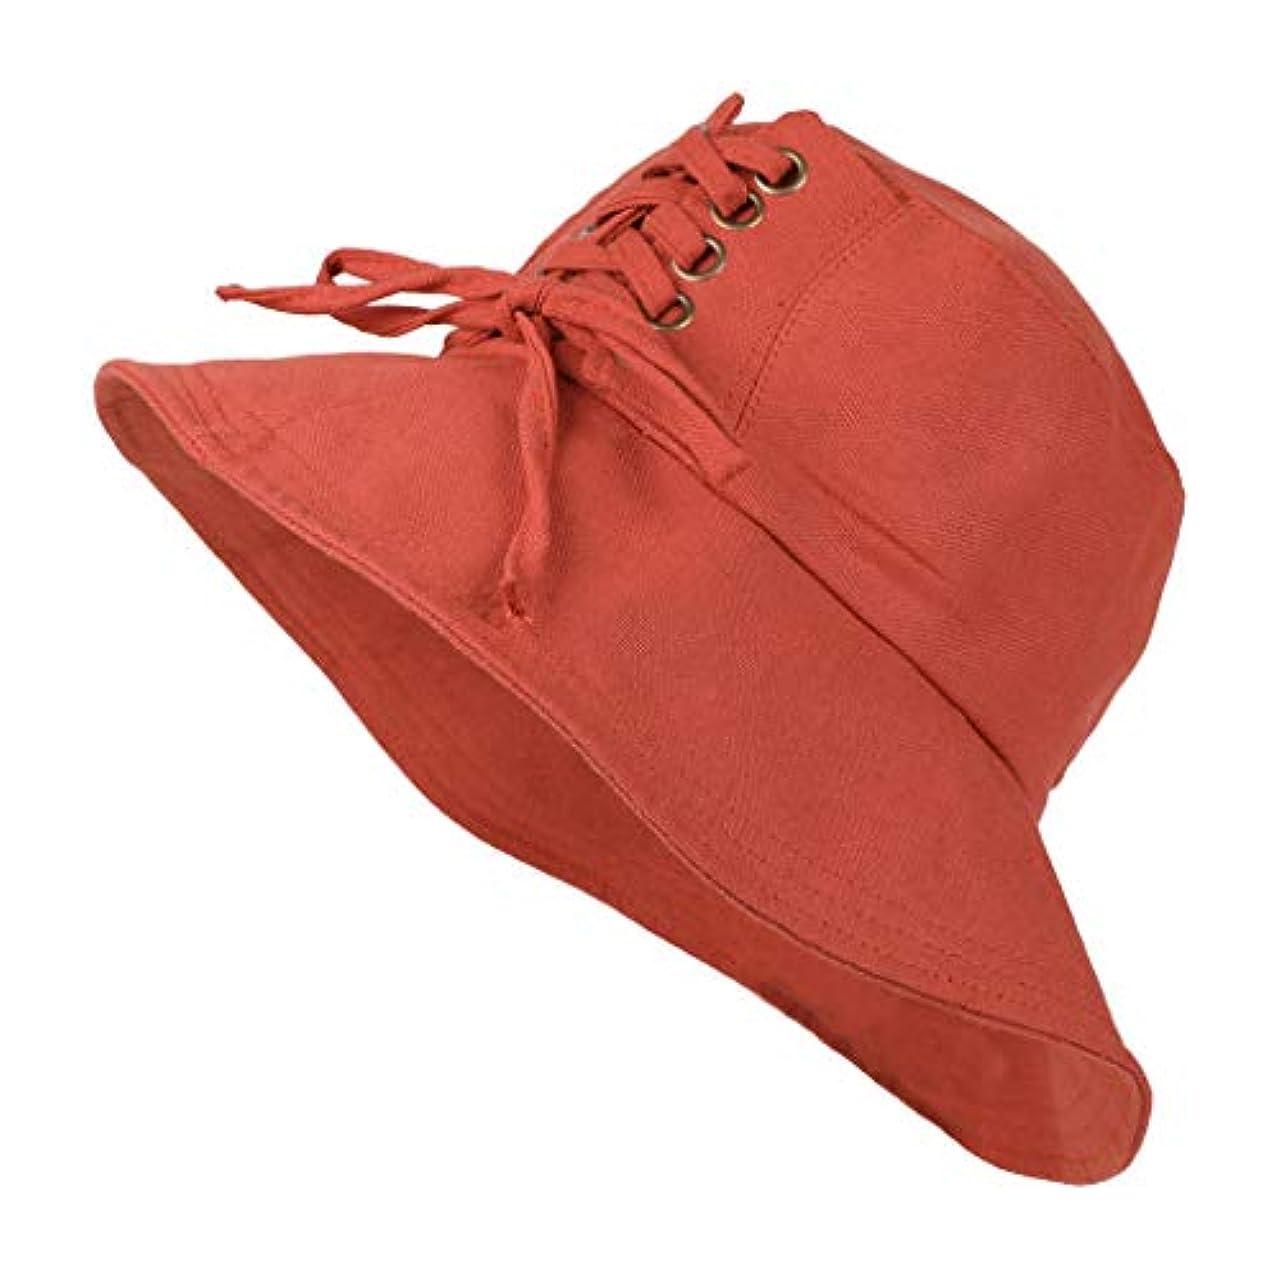 本当にチャップ気をつけてUVカット 帽子 レディース 日よけ 帽子 レディース ハット つば広 ハット日よけ 折りたたみ 夏季 女優帽 小顔効果抜群 日よけ 小顔 UV対策 おしゃれ 可愛い ハット ニット帽 キャップ レディース ROSE ROMAN